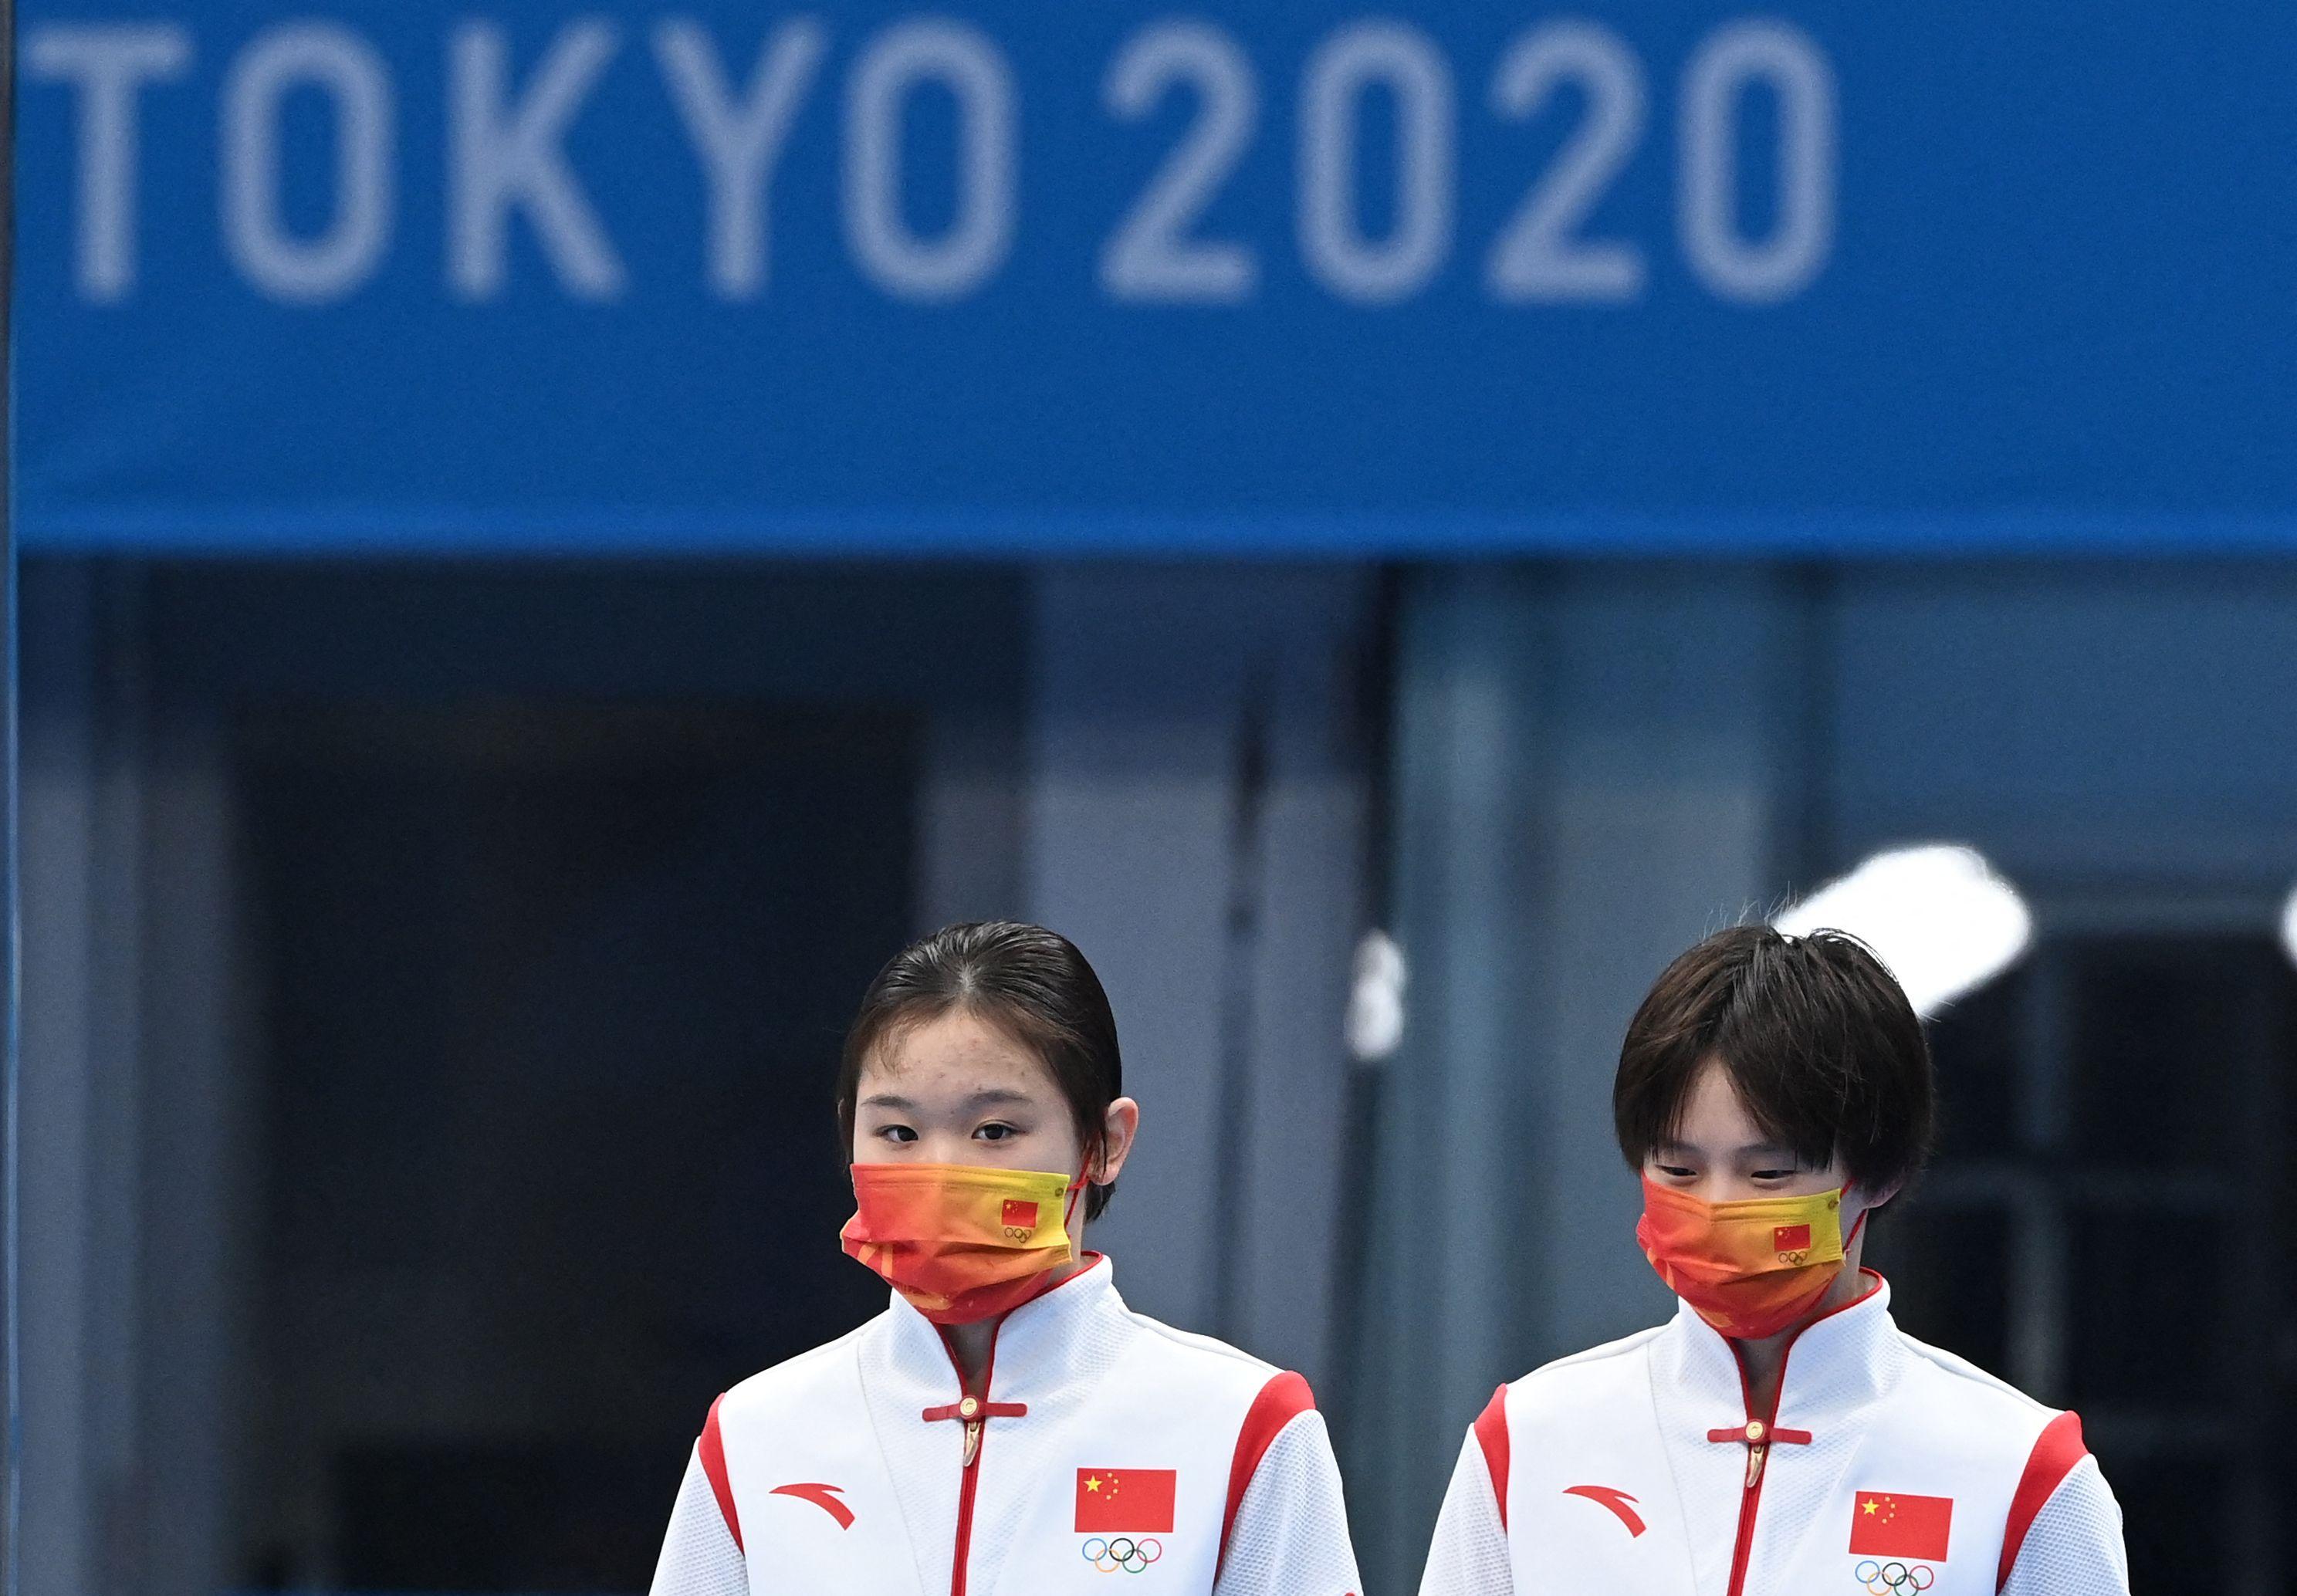 张家齐陈芋汐女子双人十米台夺金,中国队重回奥运会奖牌榜第